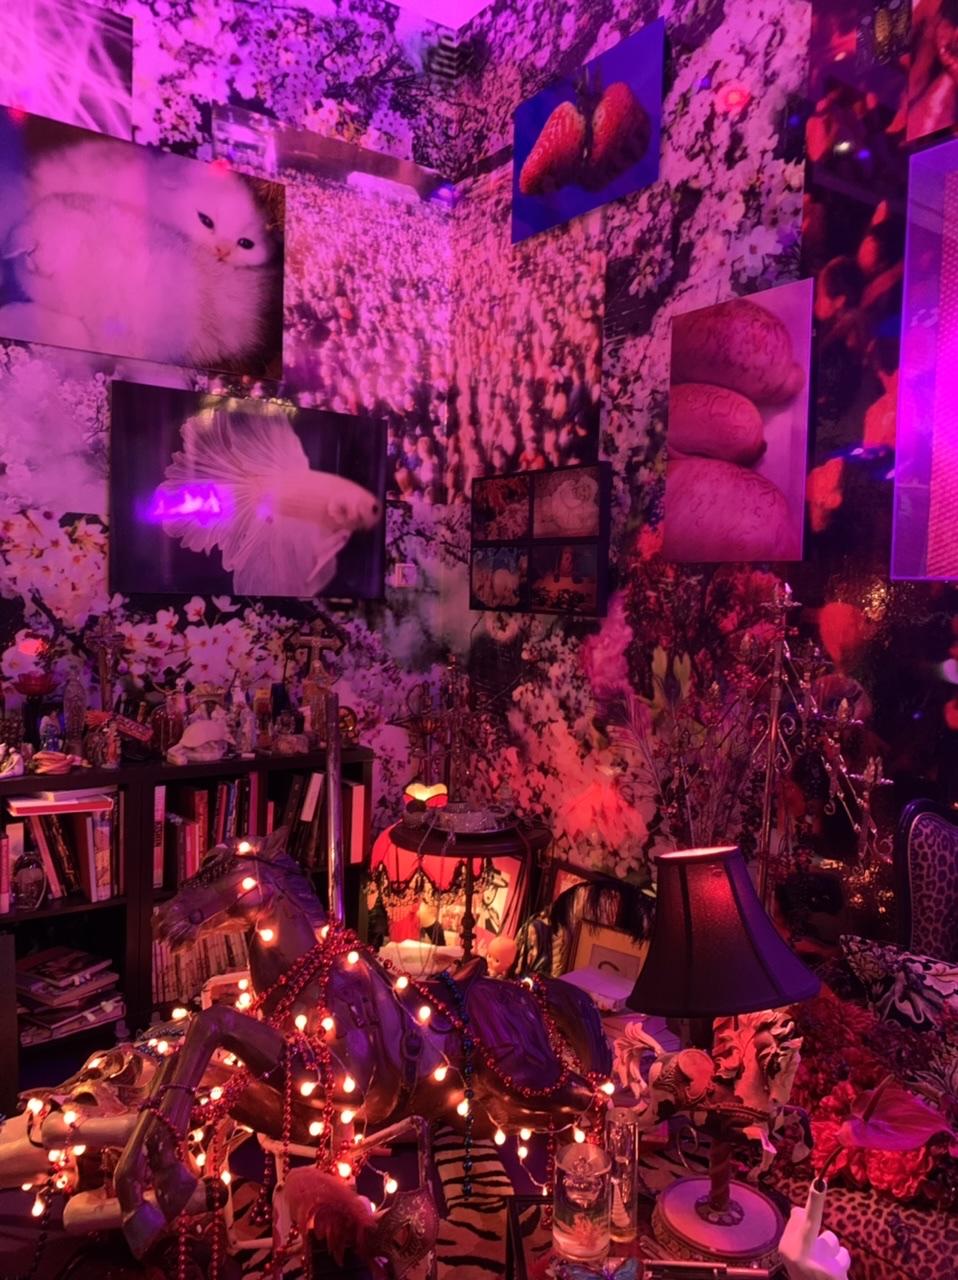 11/14(日)まで!上野の森美術館で開催中の蜷川実花展に行ってきました!_10